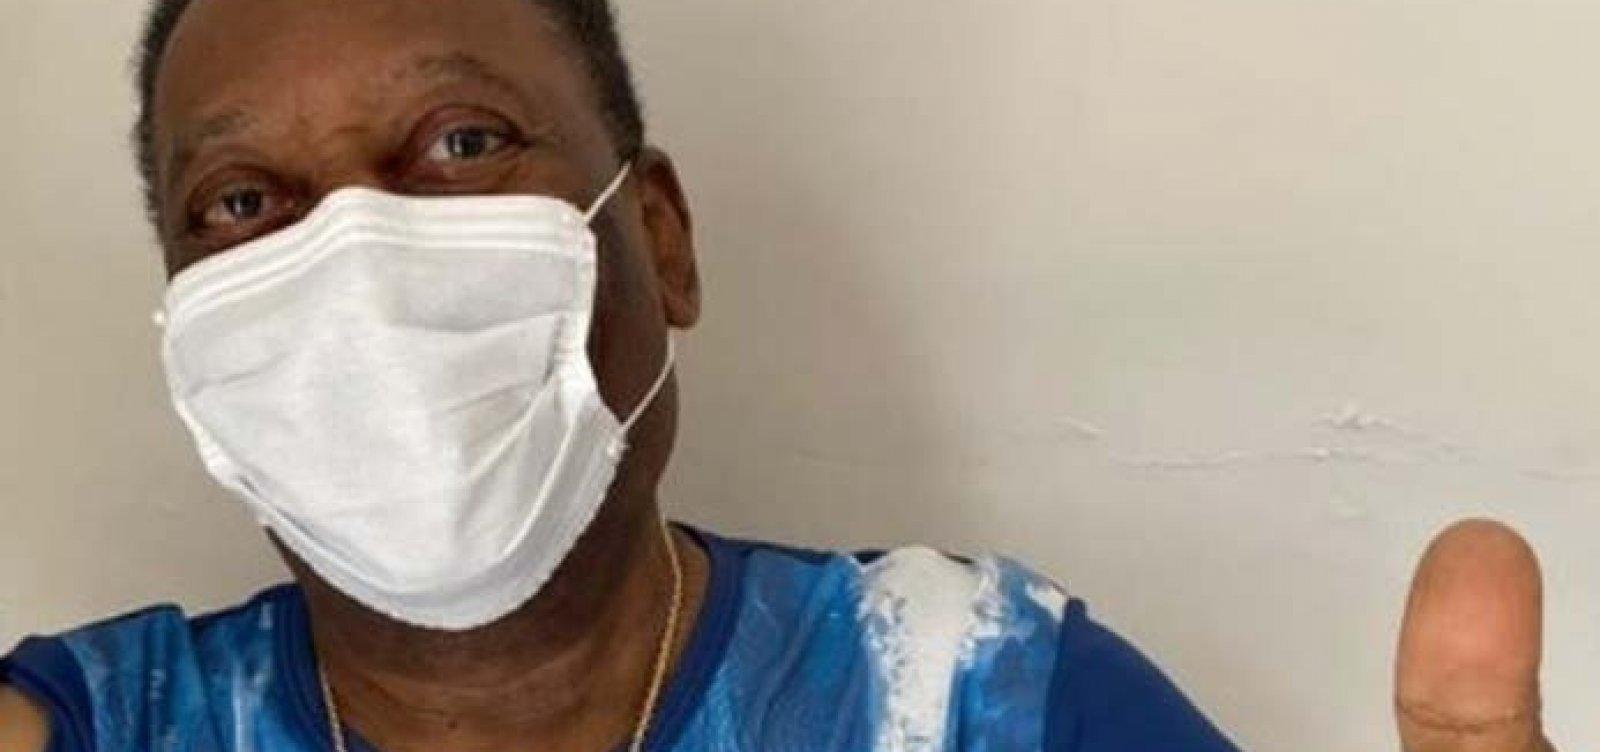 Internado na UTI, Pelé retira tumor no cólon e deve ter alta nesta terça-feira, diz hospital